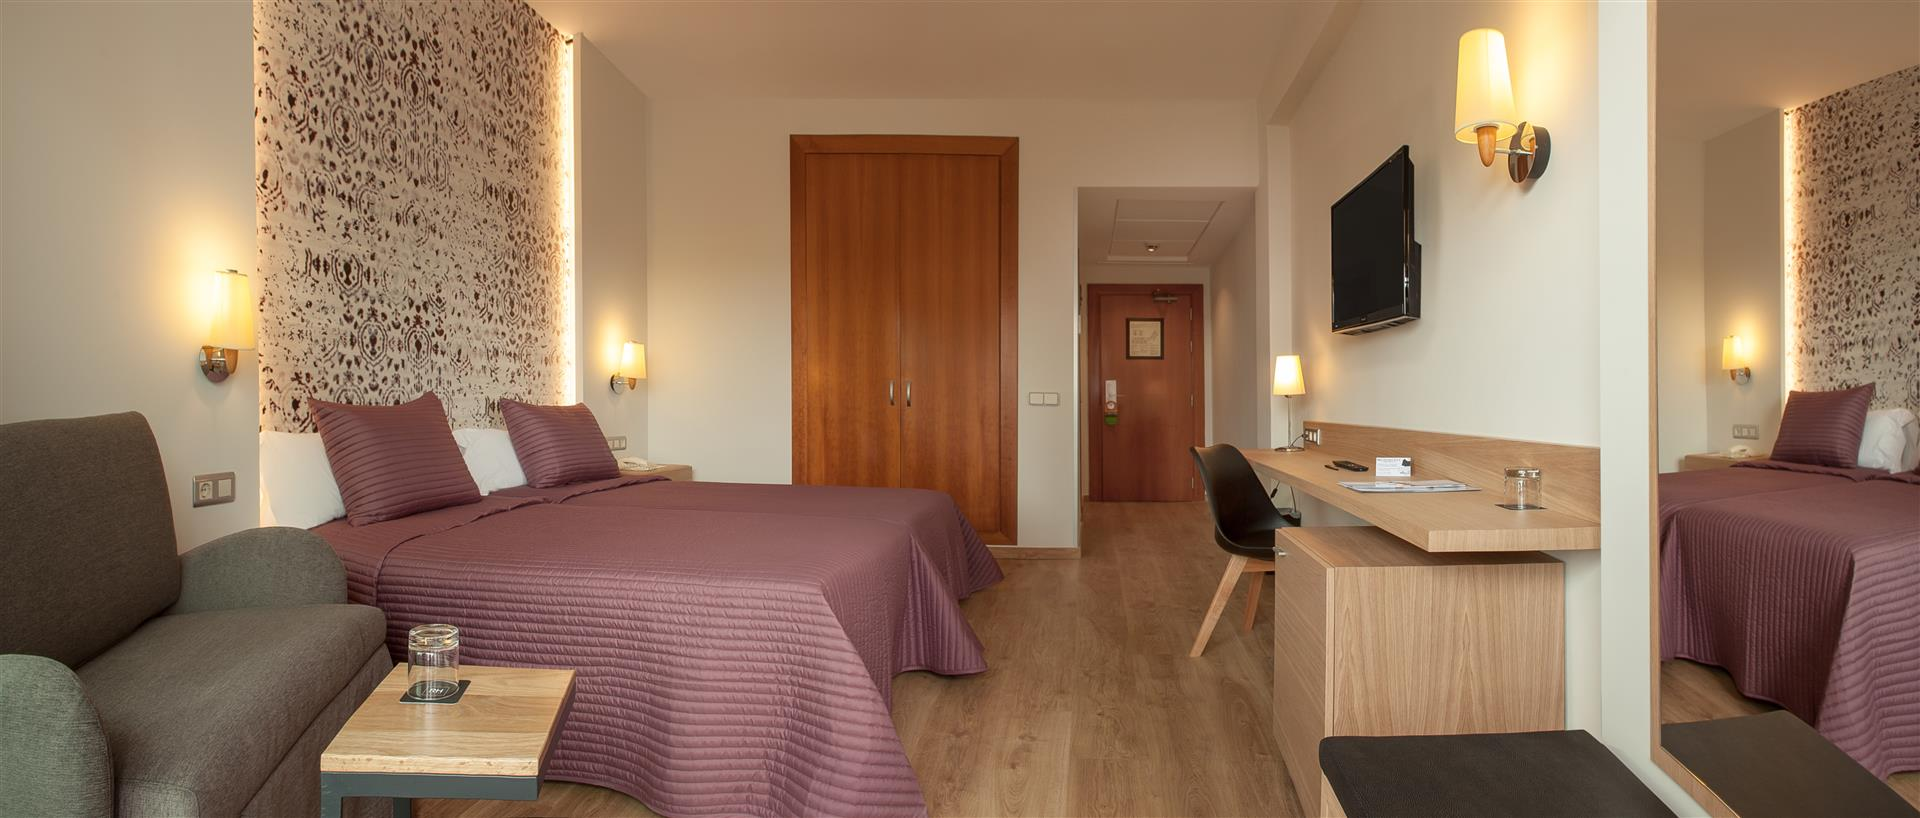 Hotel rh princesa benidorm fotos im genes web oficial for Programa decoracion habitaciones